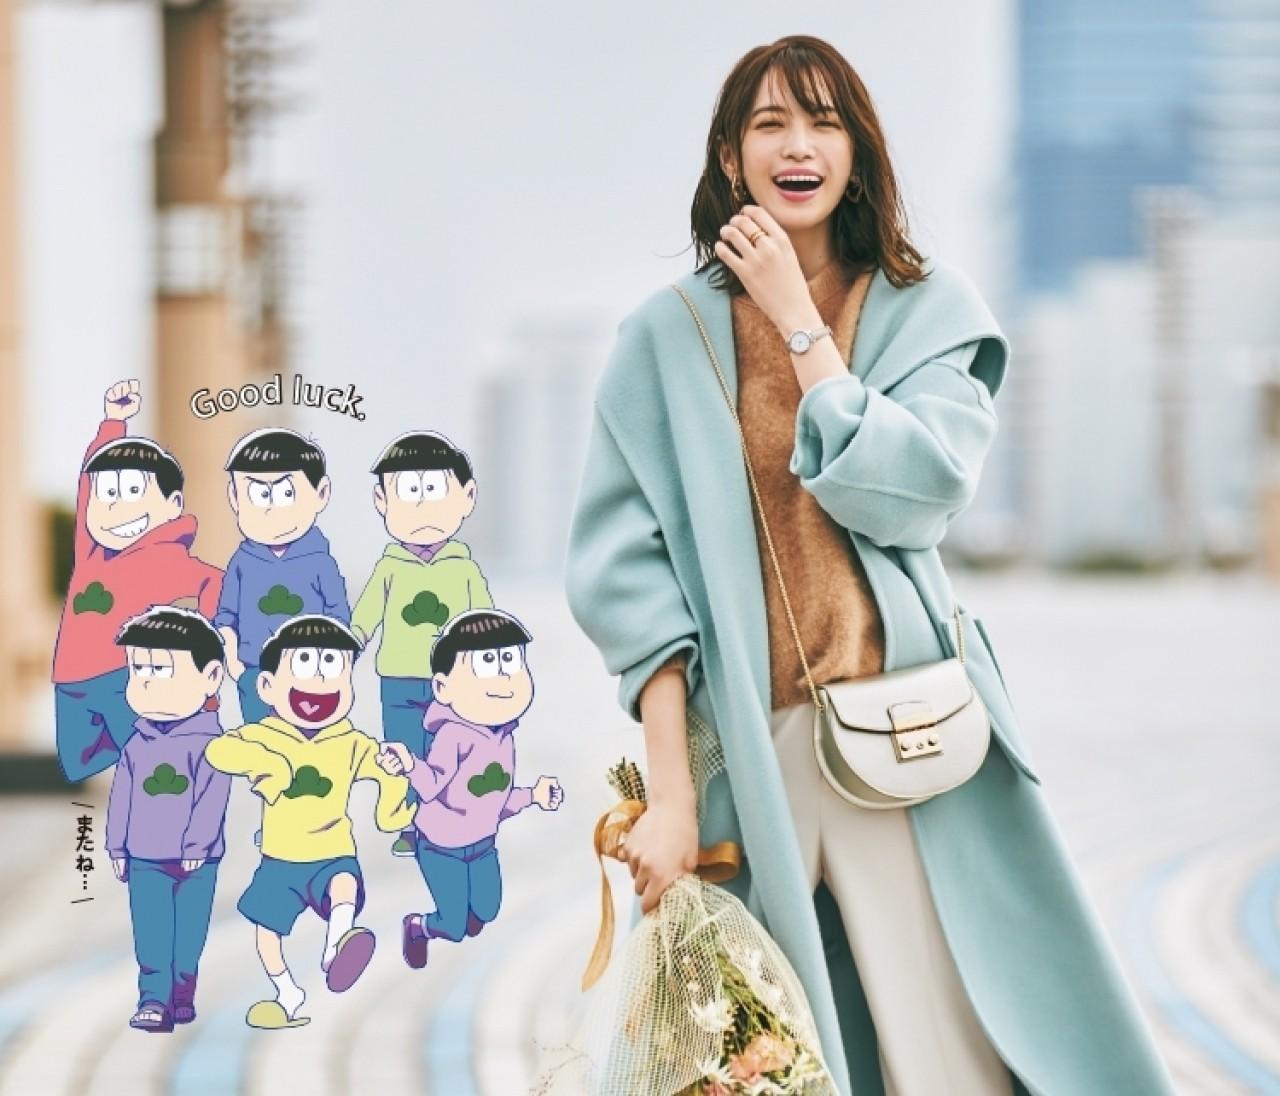 【おそ松さん&聡子の婚活着回し15daysまとめ】着心地&モテを両立できる秋冬コーデをまとめてチェック!